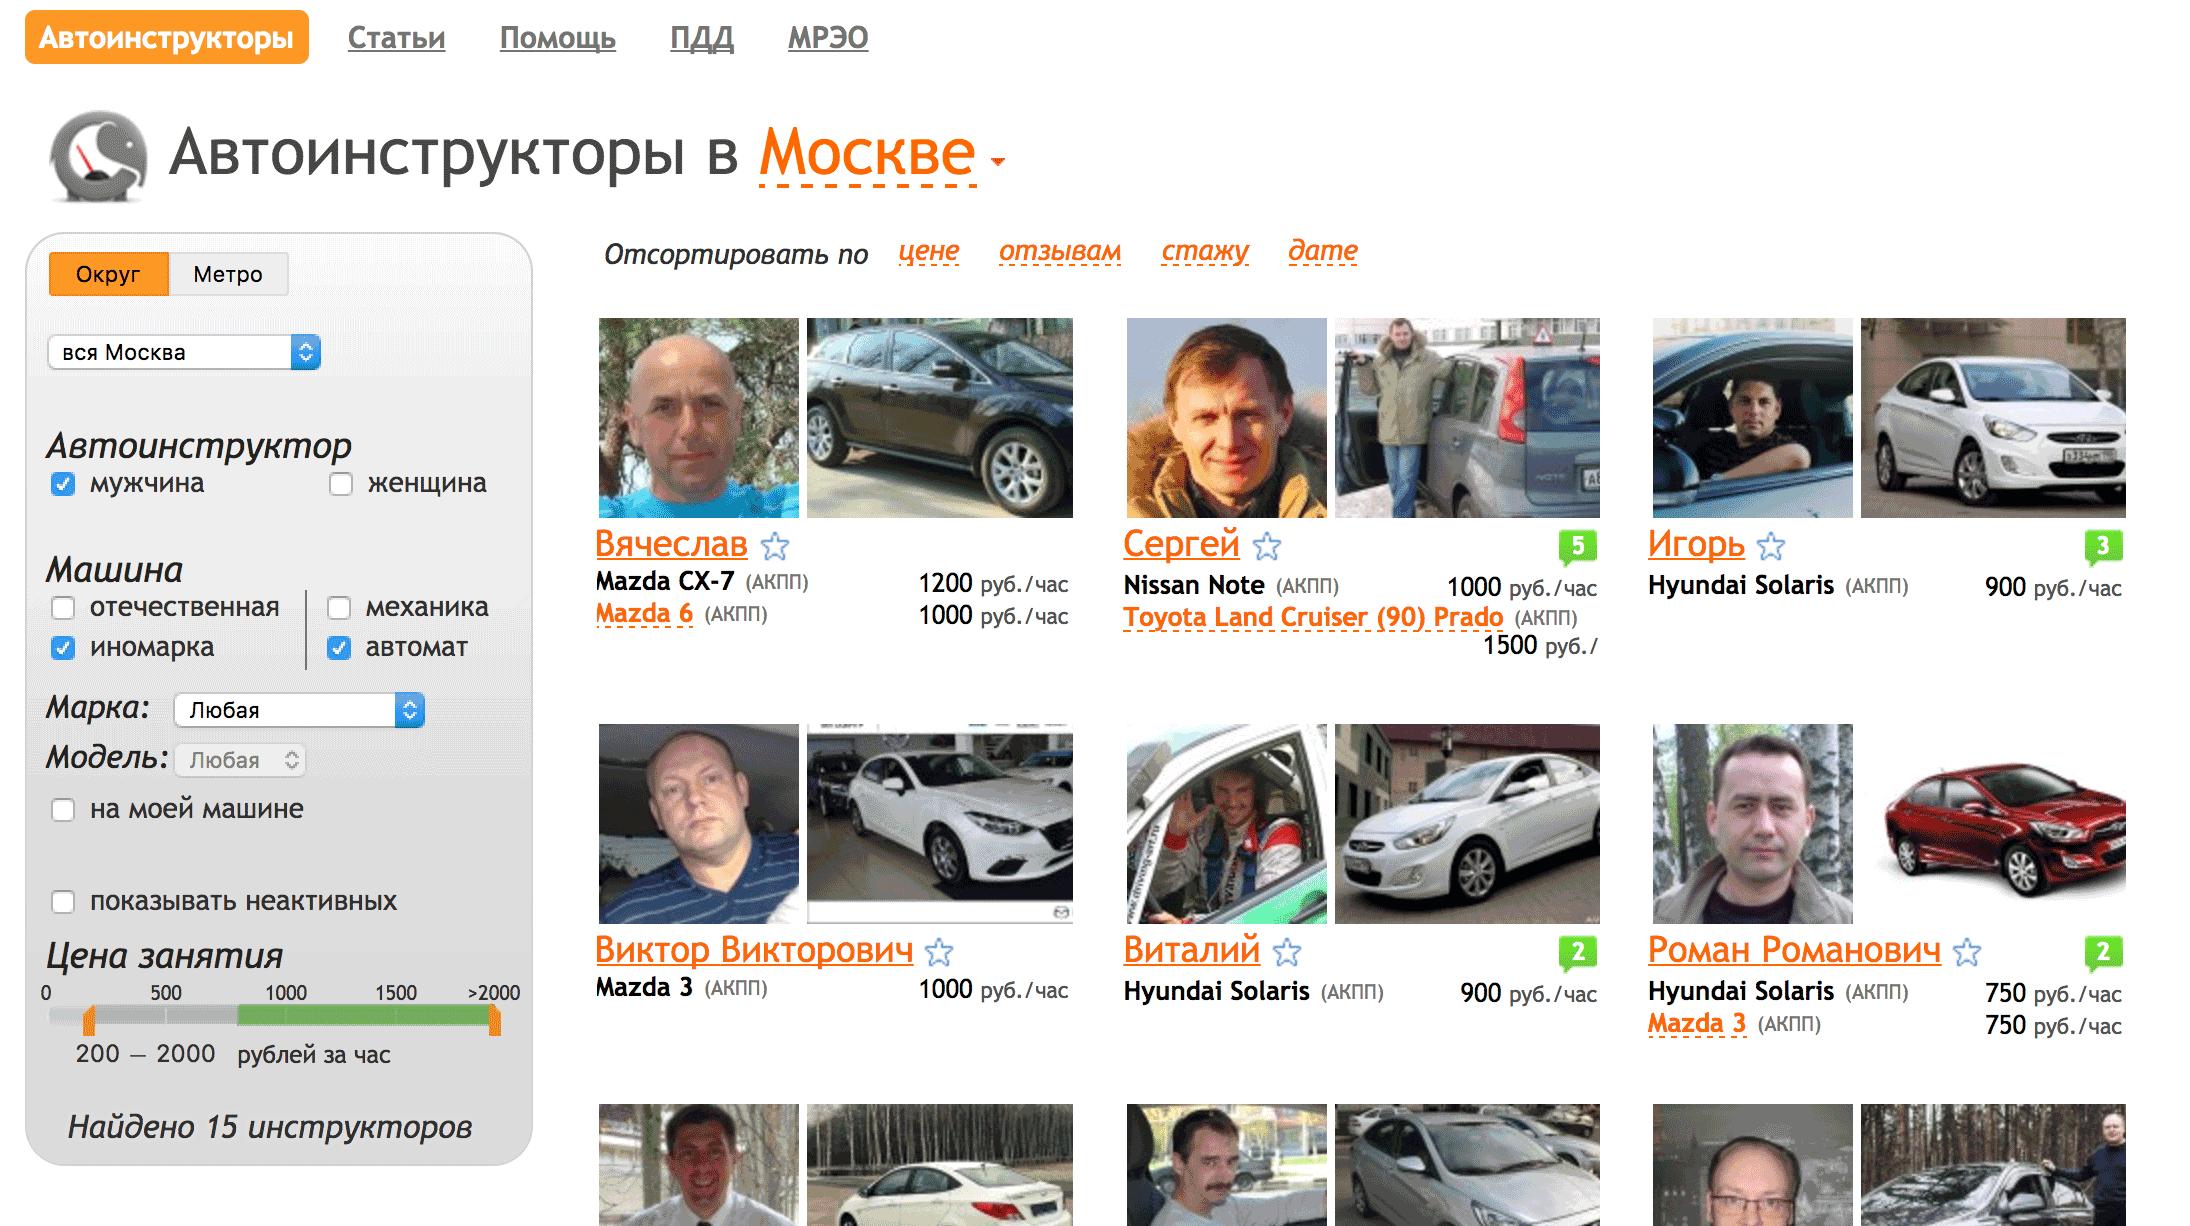 На Спокойно.ру можно выбрать инструктора по типу машины, цене за час занятия и станции метро